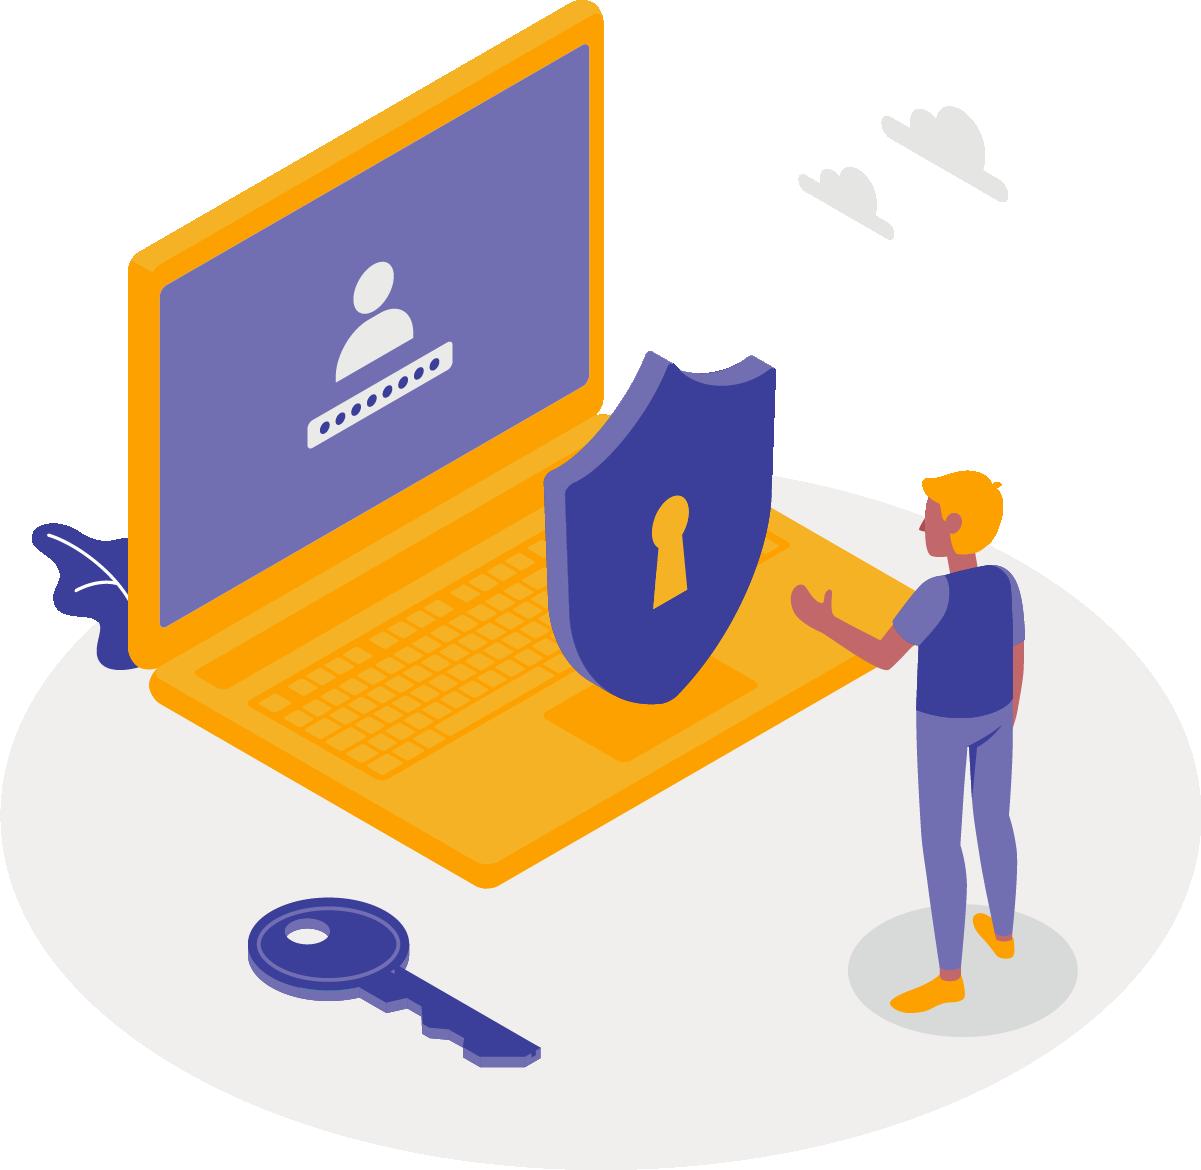 Para que serve a lei de proteção de dados